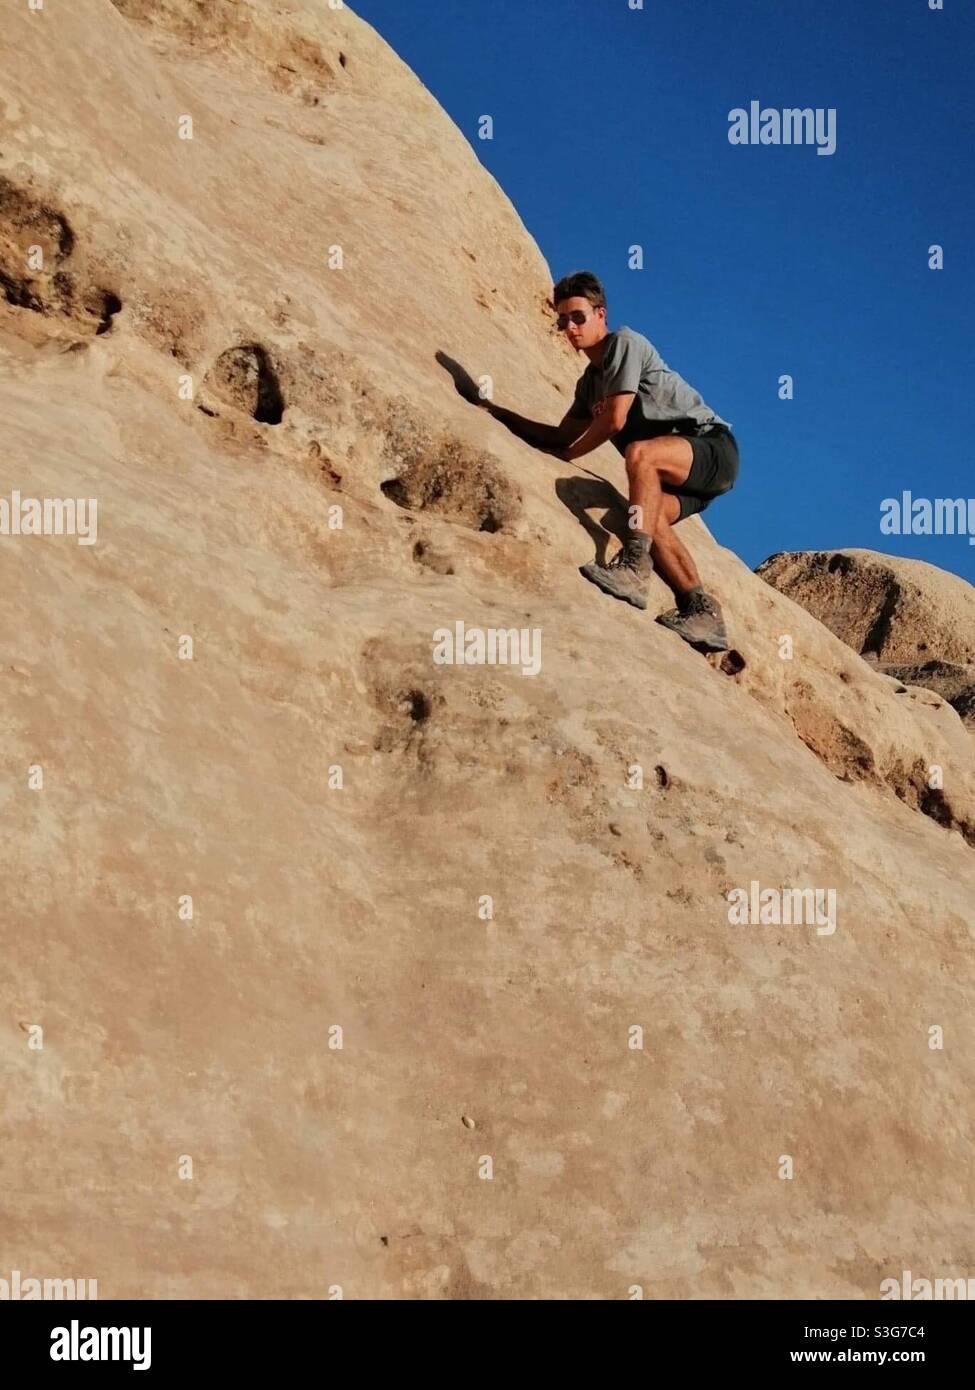 Ein Mann klettert in Petra, Jordanien, auf Felsen. Stockfoto